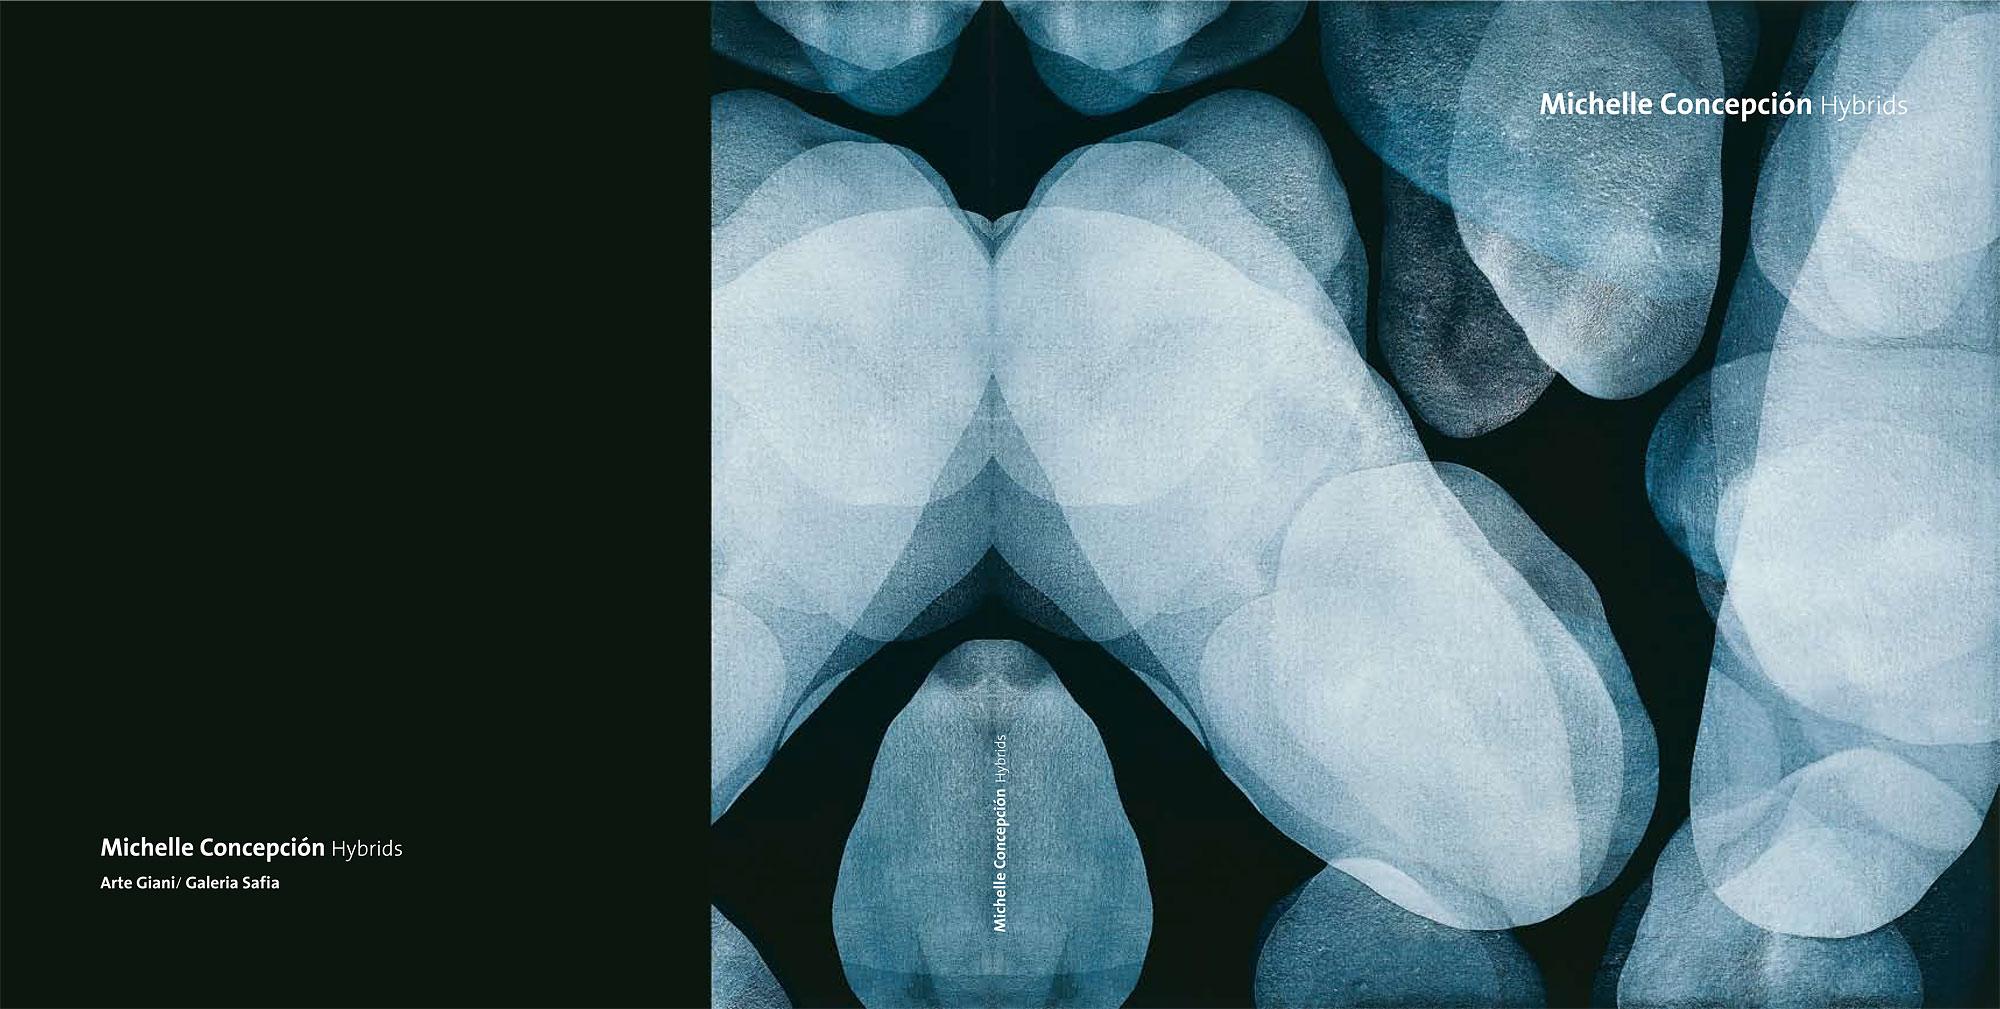 Michelle Concepción, exhibition catalogue: Hybrids 2008